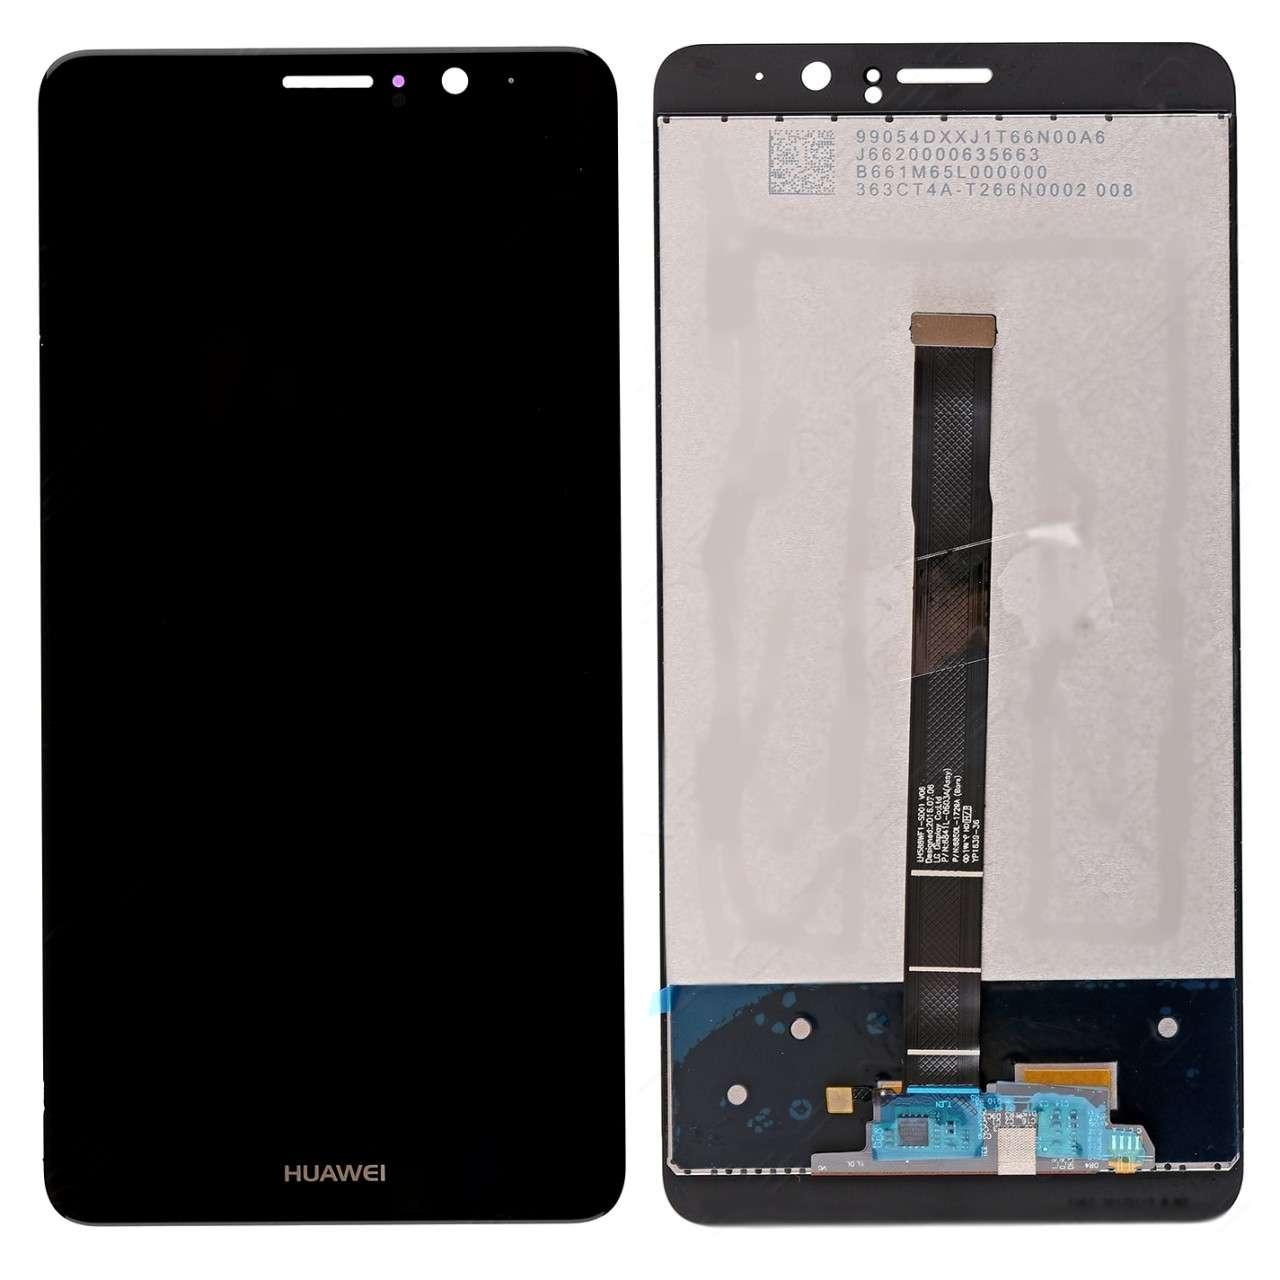 Display Huawei Mate 9 MHA L29 Black Negru imagine powerlaptop.ro 2021